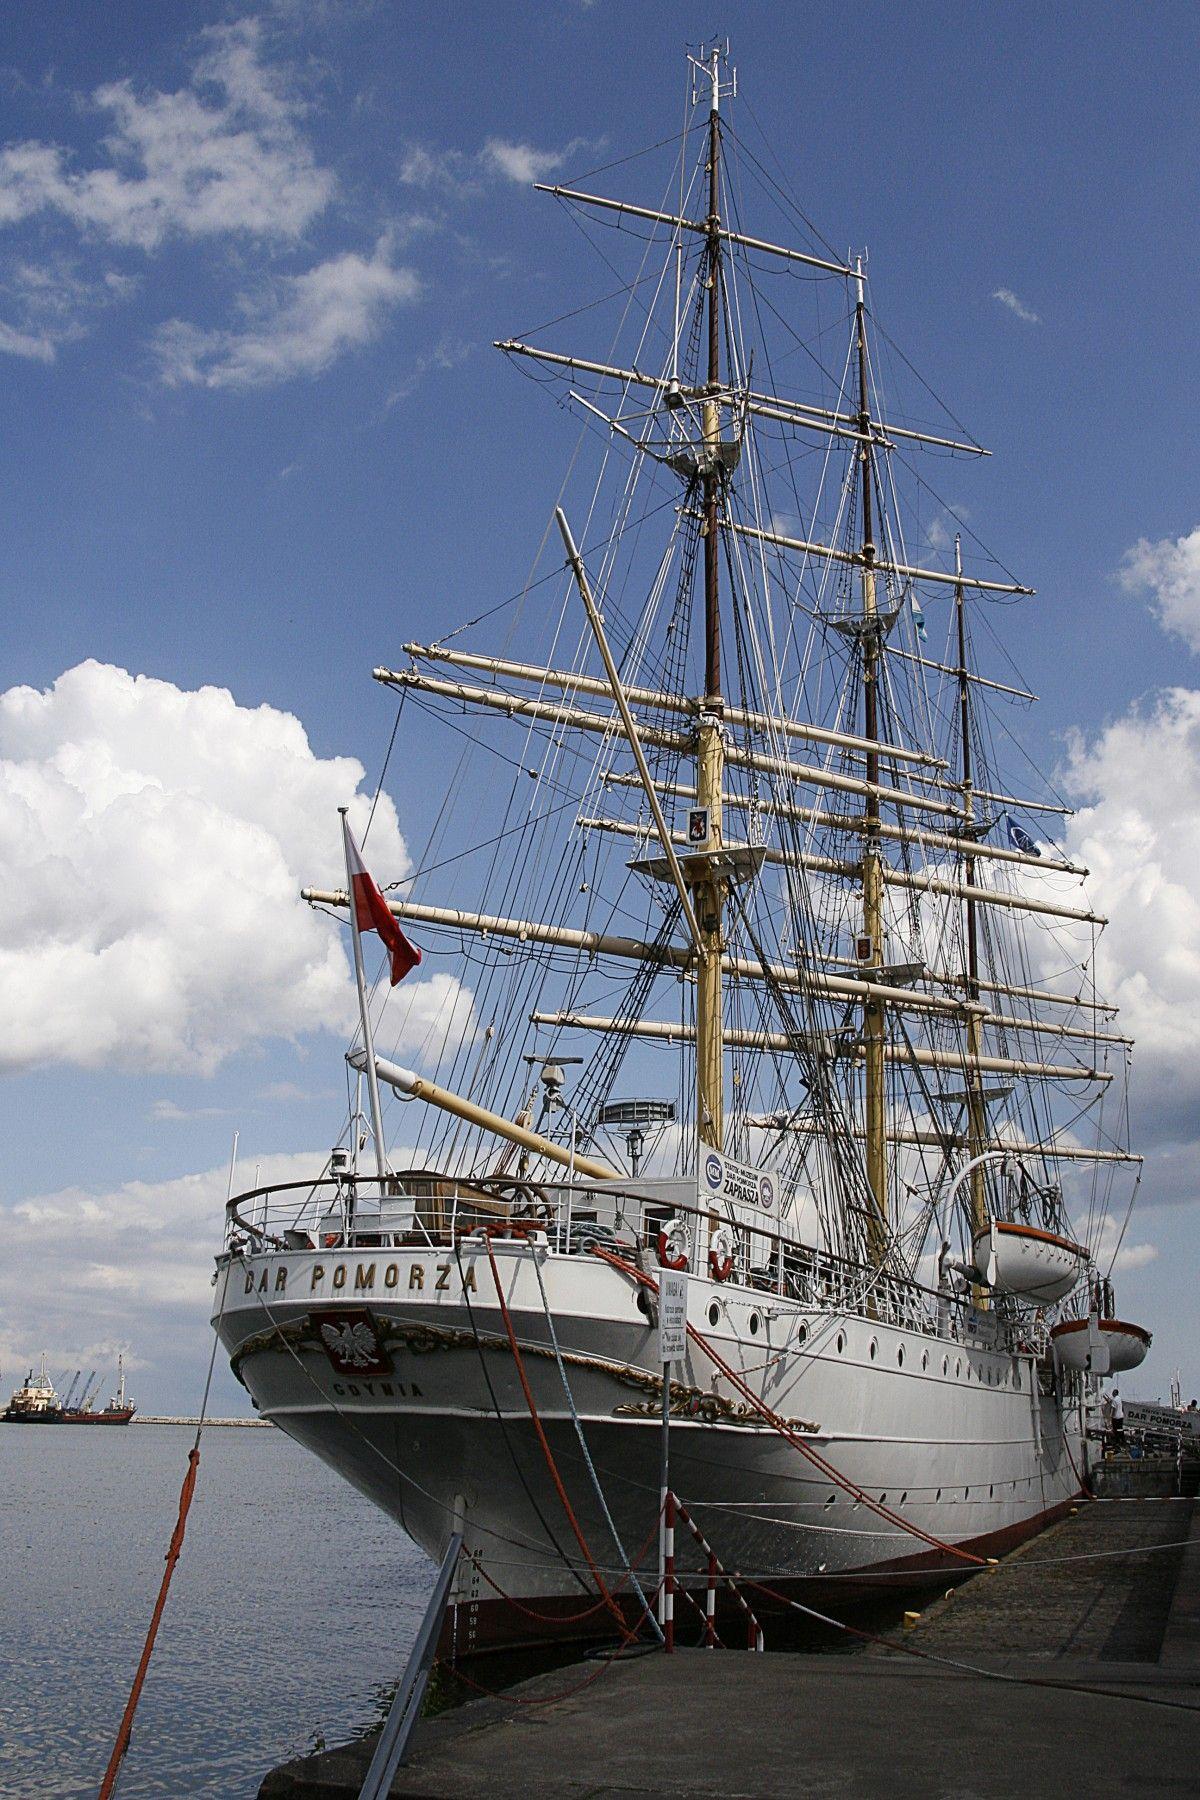 صورة عالية الدقة خالية من السفن القديمة التاريخية البحرية بولندا السفينة الطويلة السيارة الإبحار Sailing Ships Boat Sailing